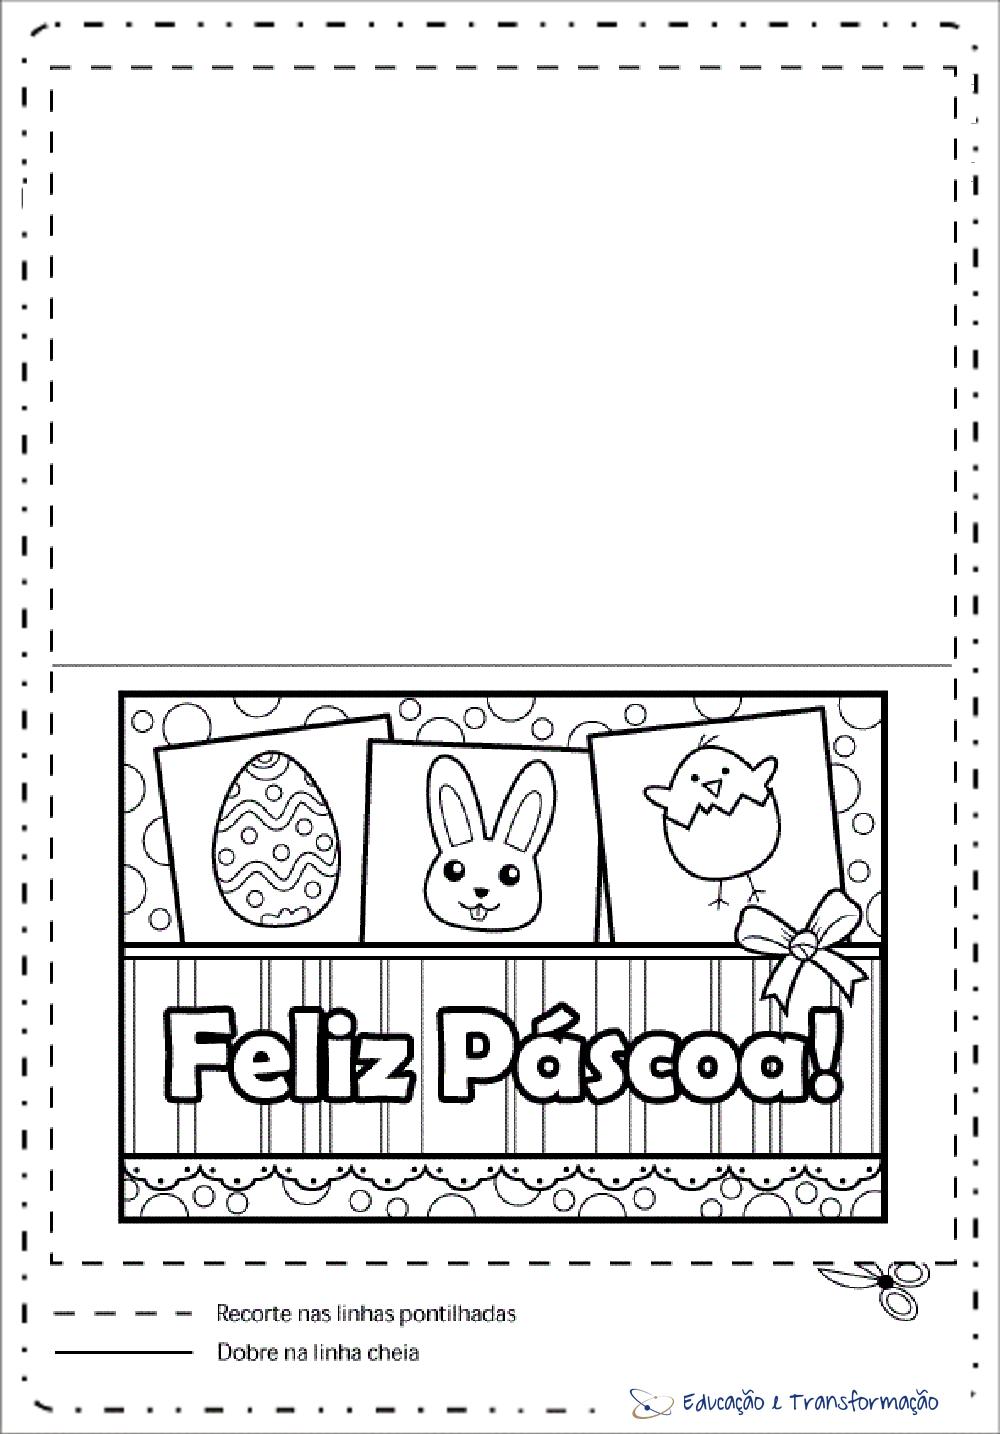 Cartao De Pascoa Para Imprimir E Colorir Cartoes De Pascoa Ilustrado